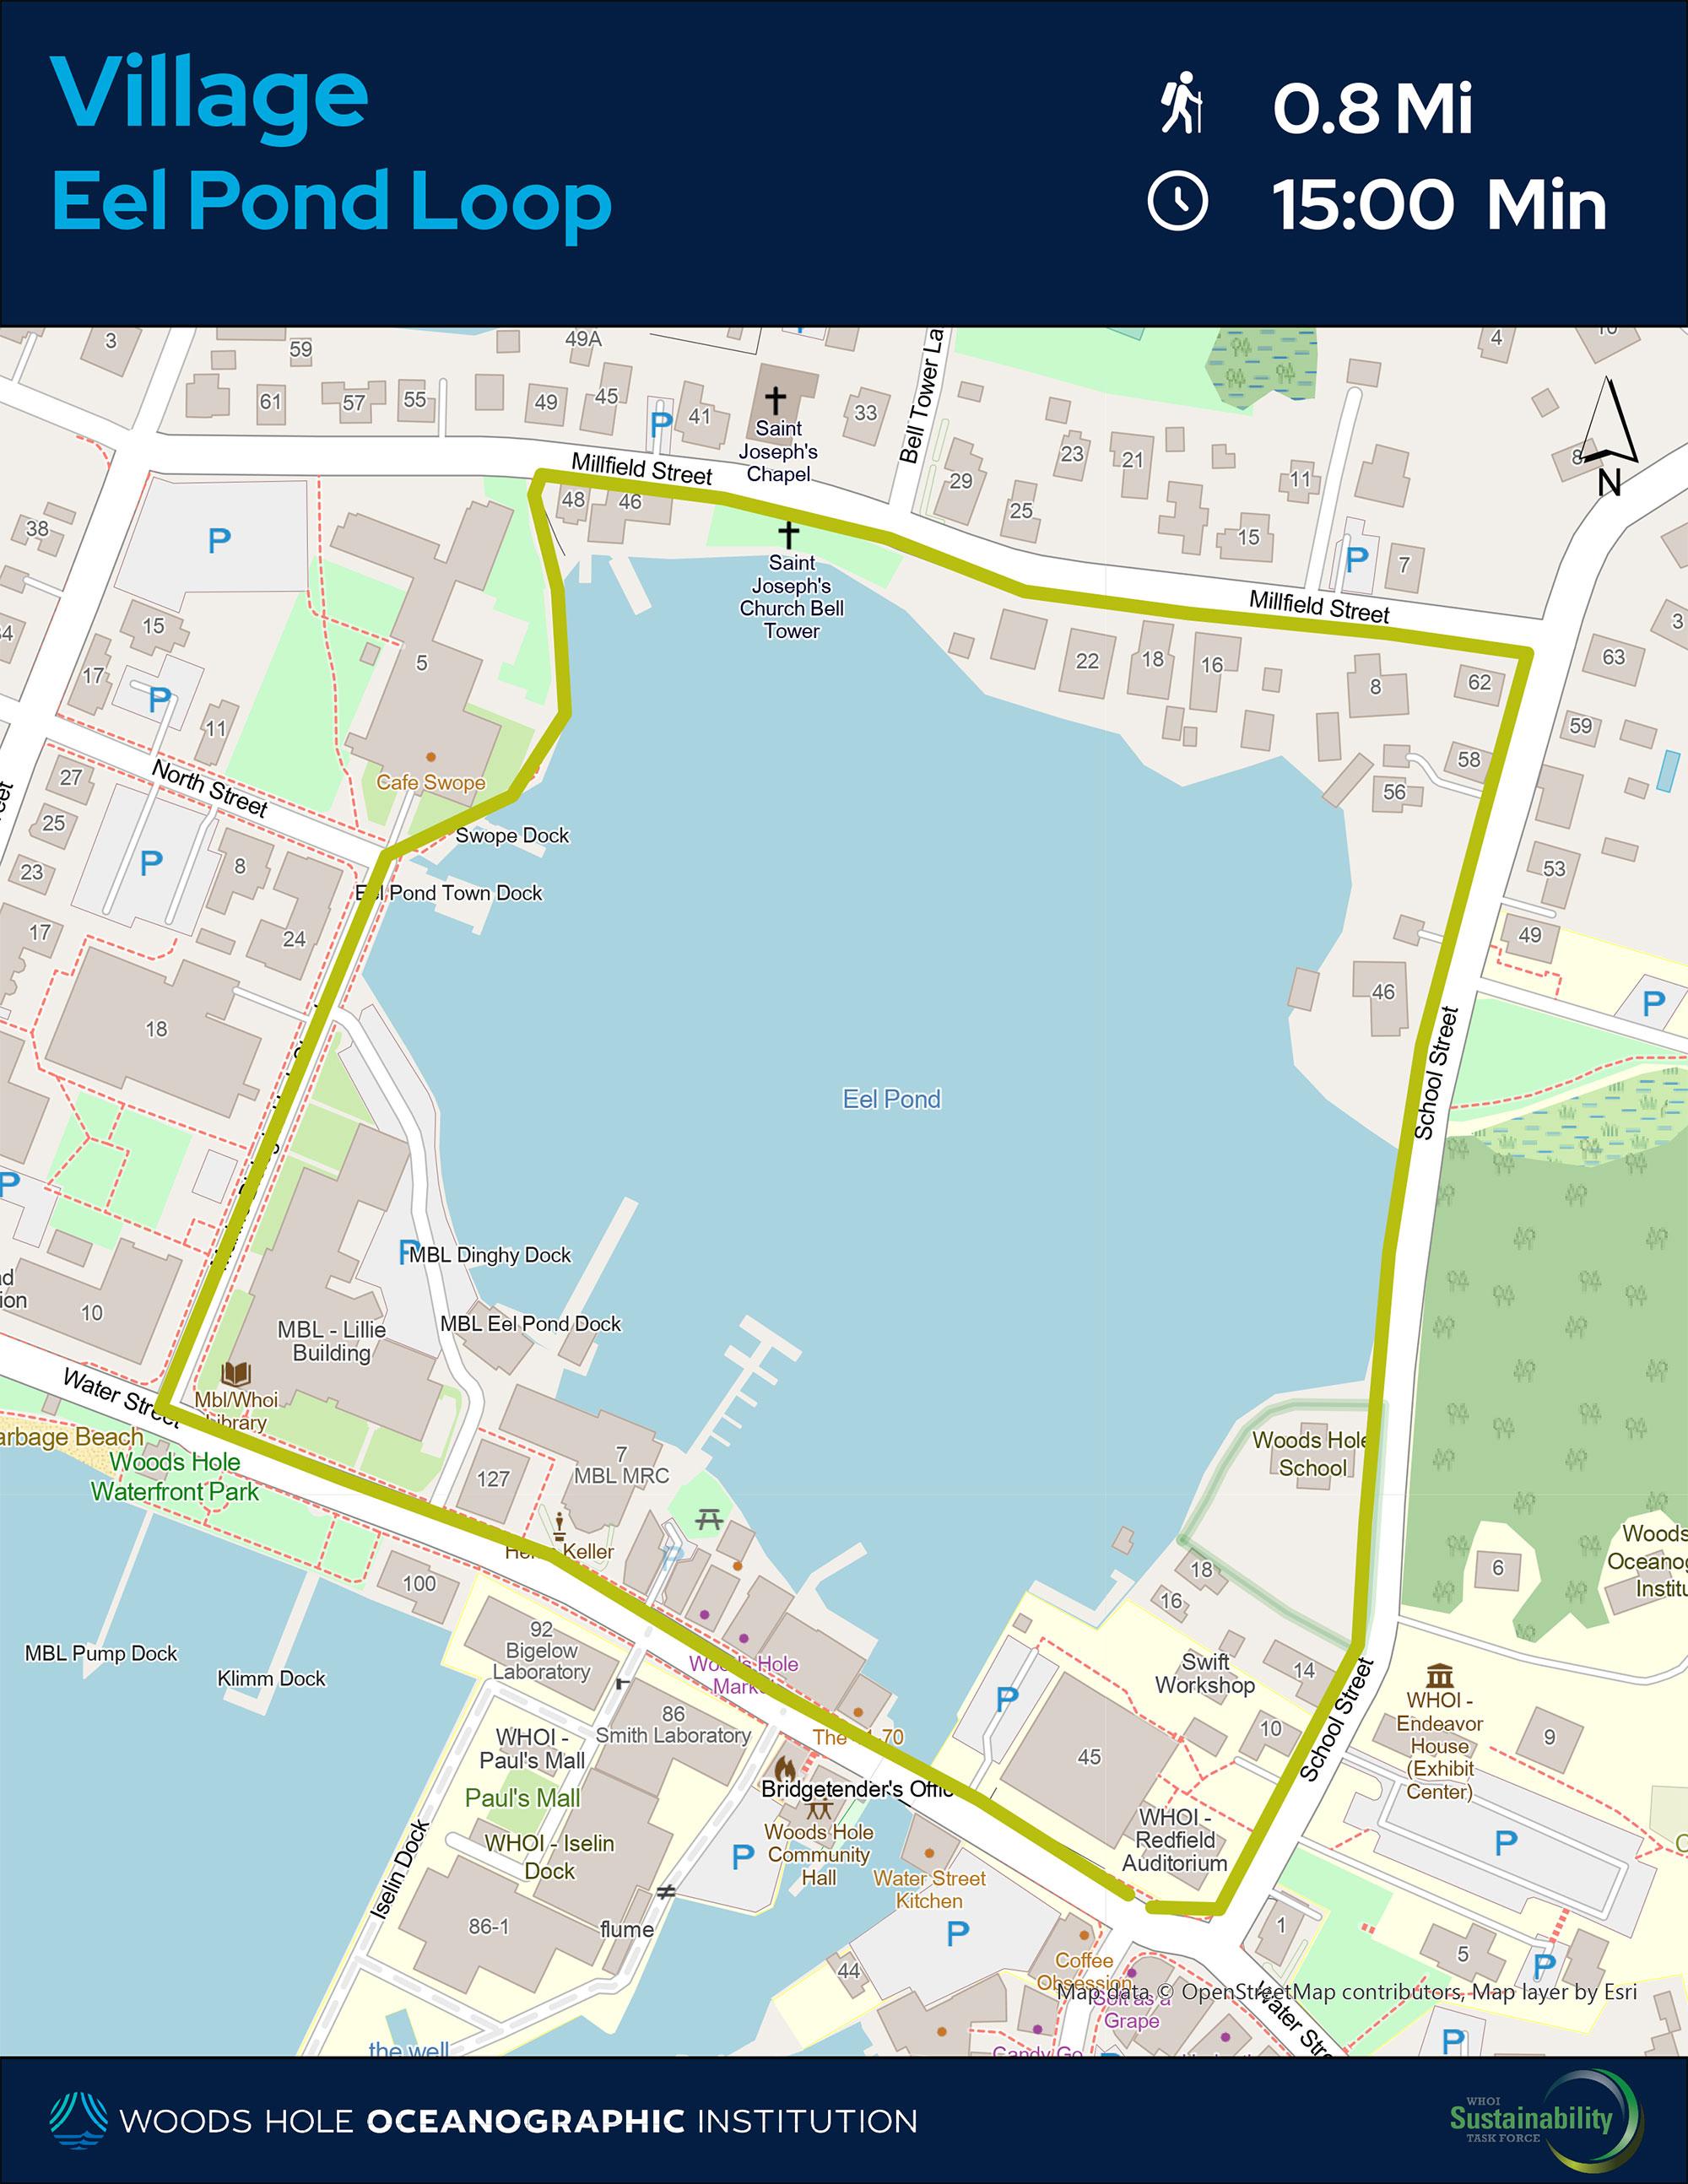 Eel Pond Loop